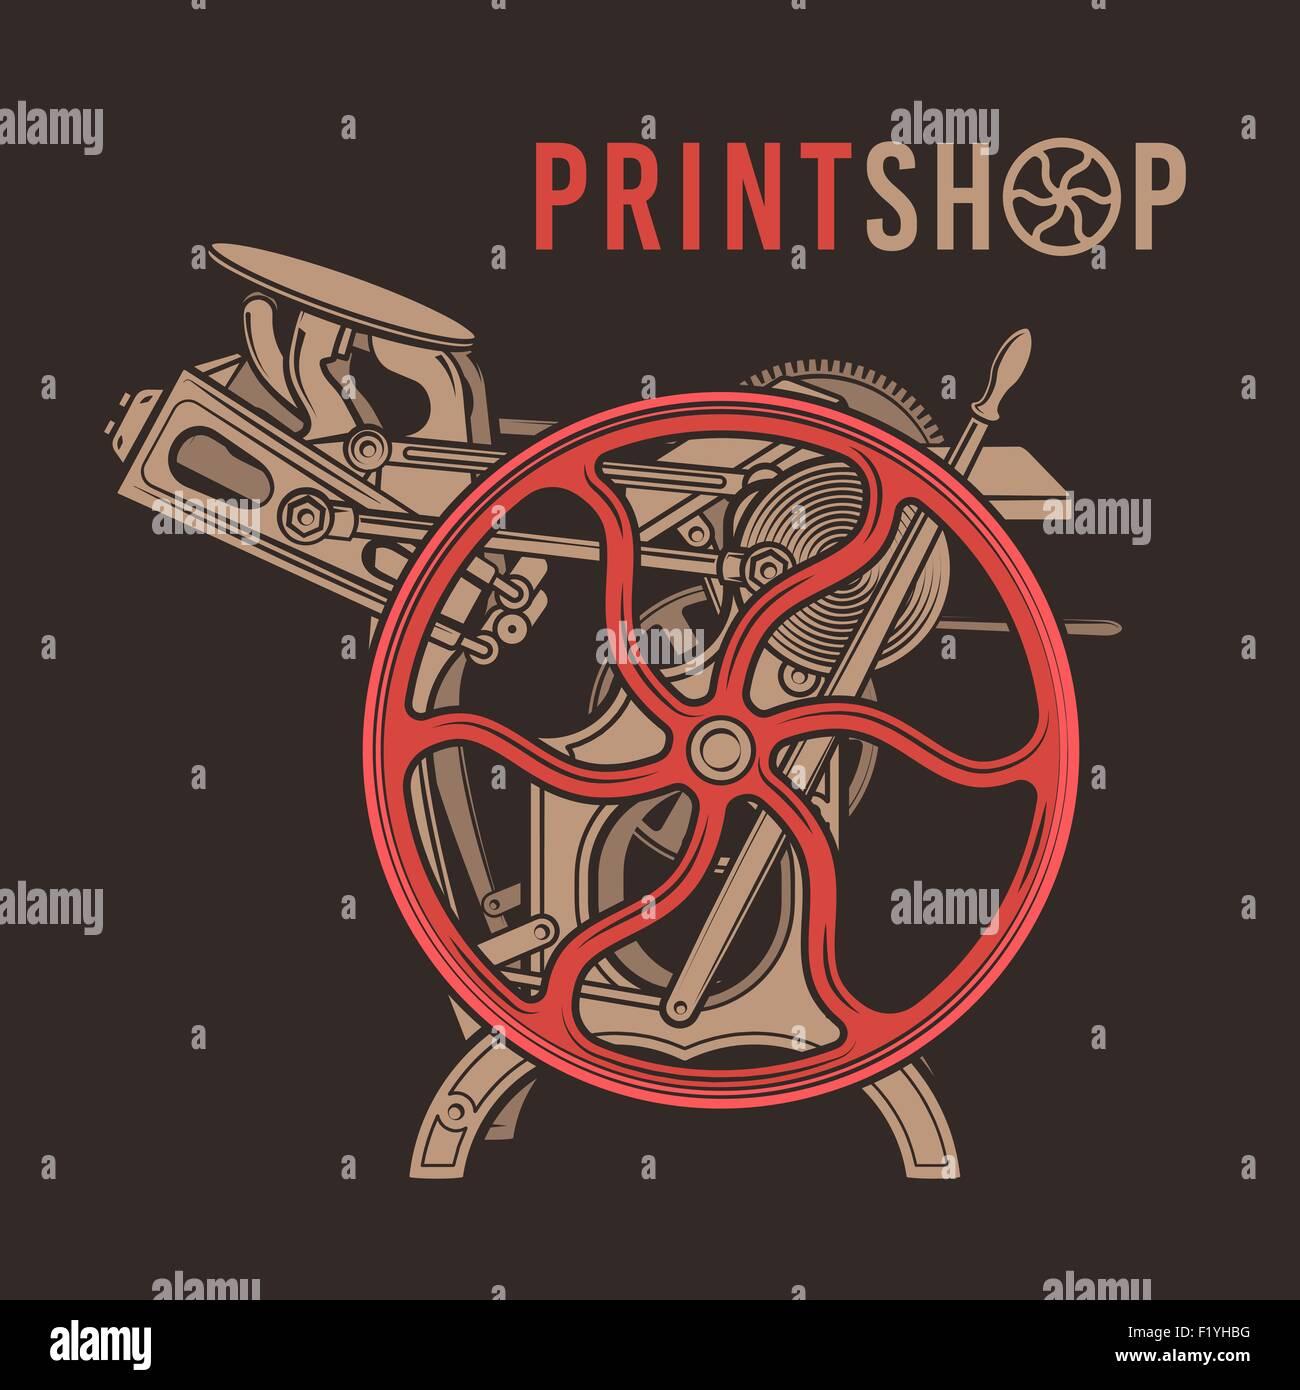 Letterpress overprint vector design  Vintage print shop logo  Old